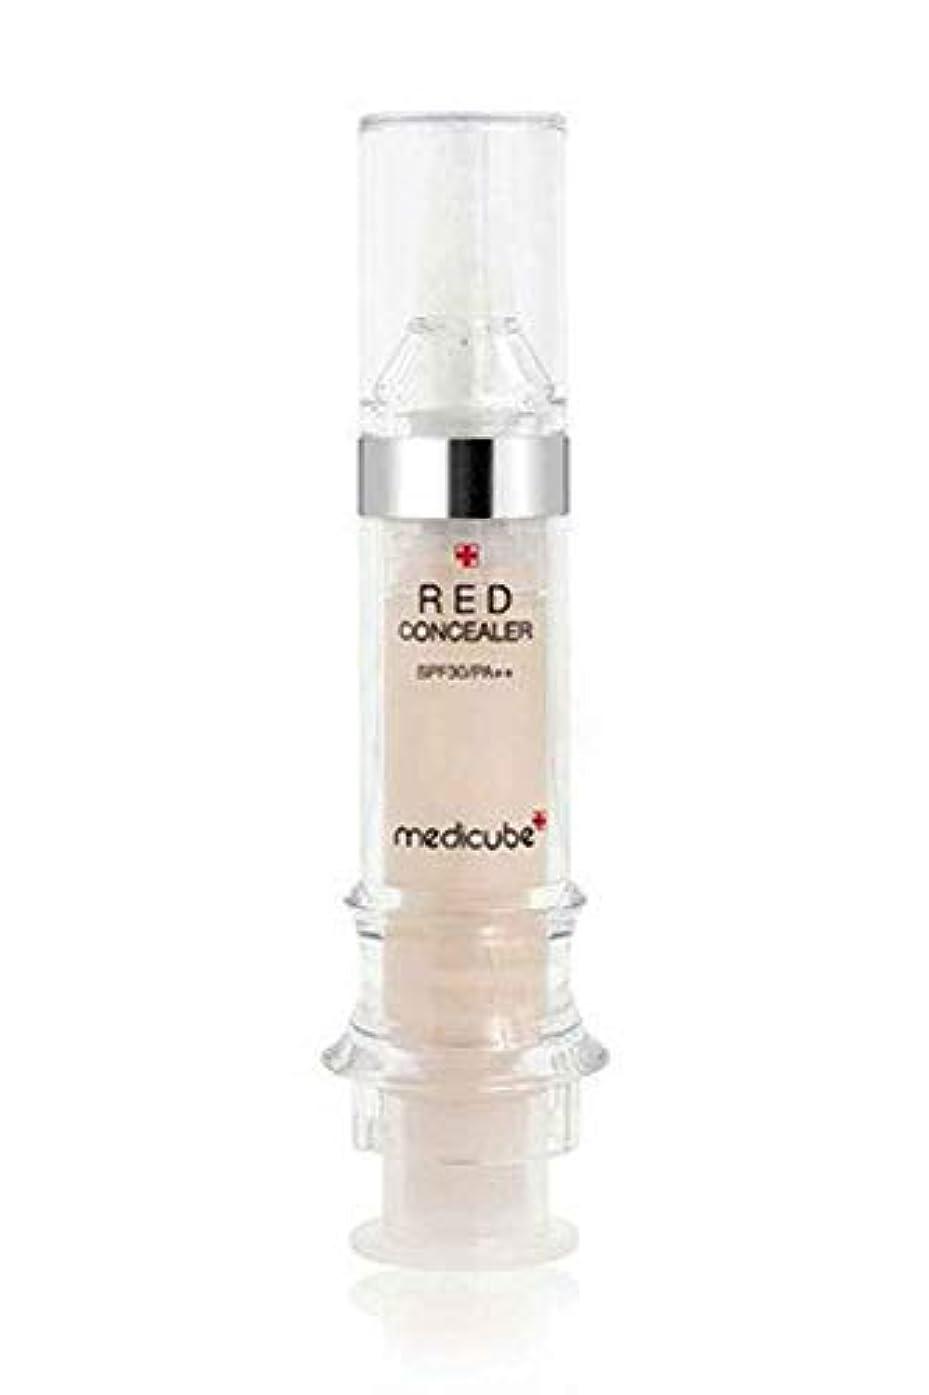 報復鷲オープニングメディキューブ【Medicube】Red Red Concealer 5.5ml メディキューブ レッドコンシーラー [並行輸入品] (#23)